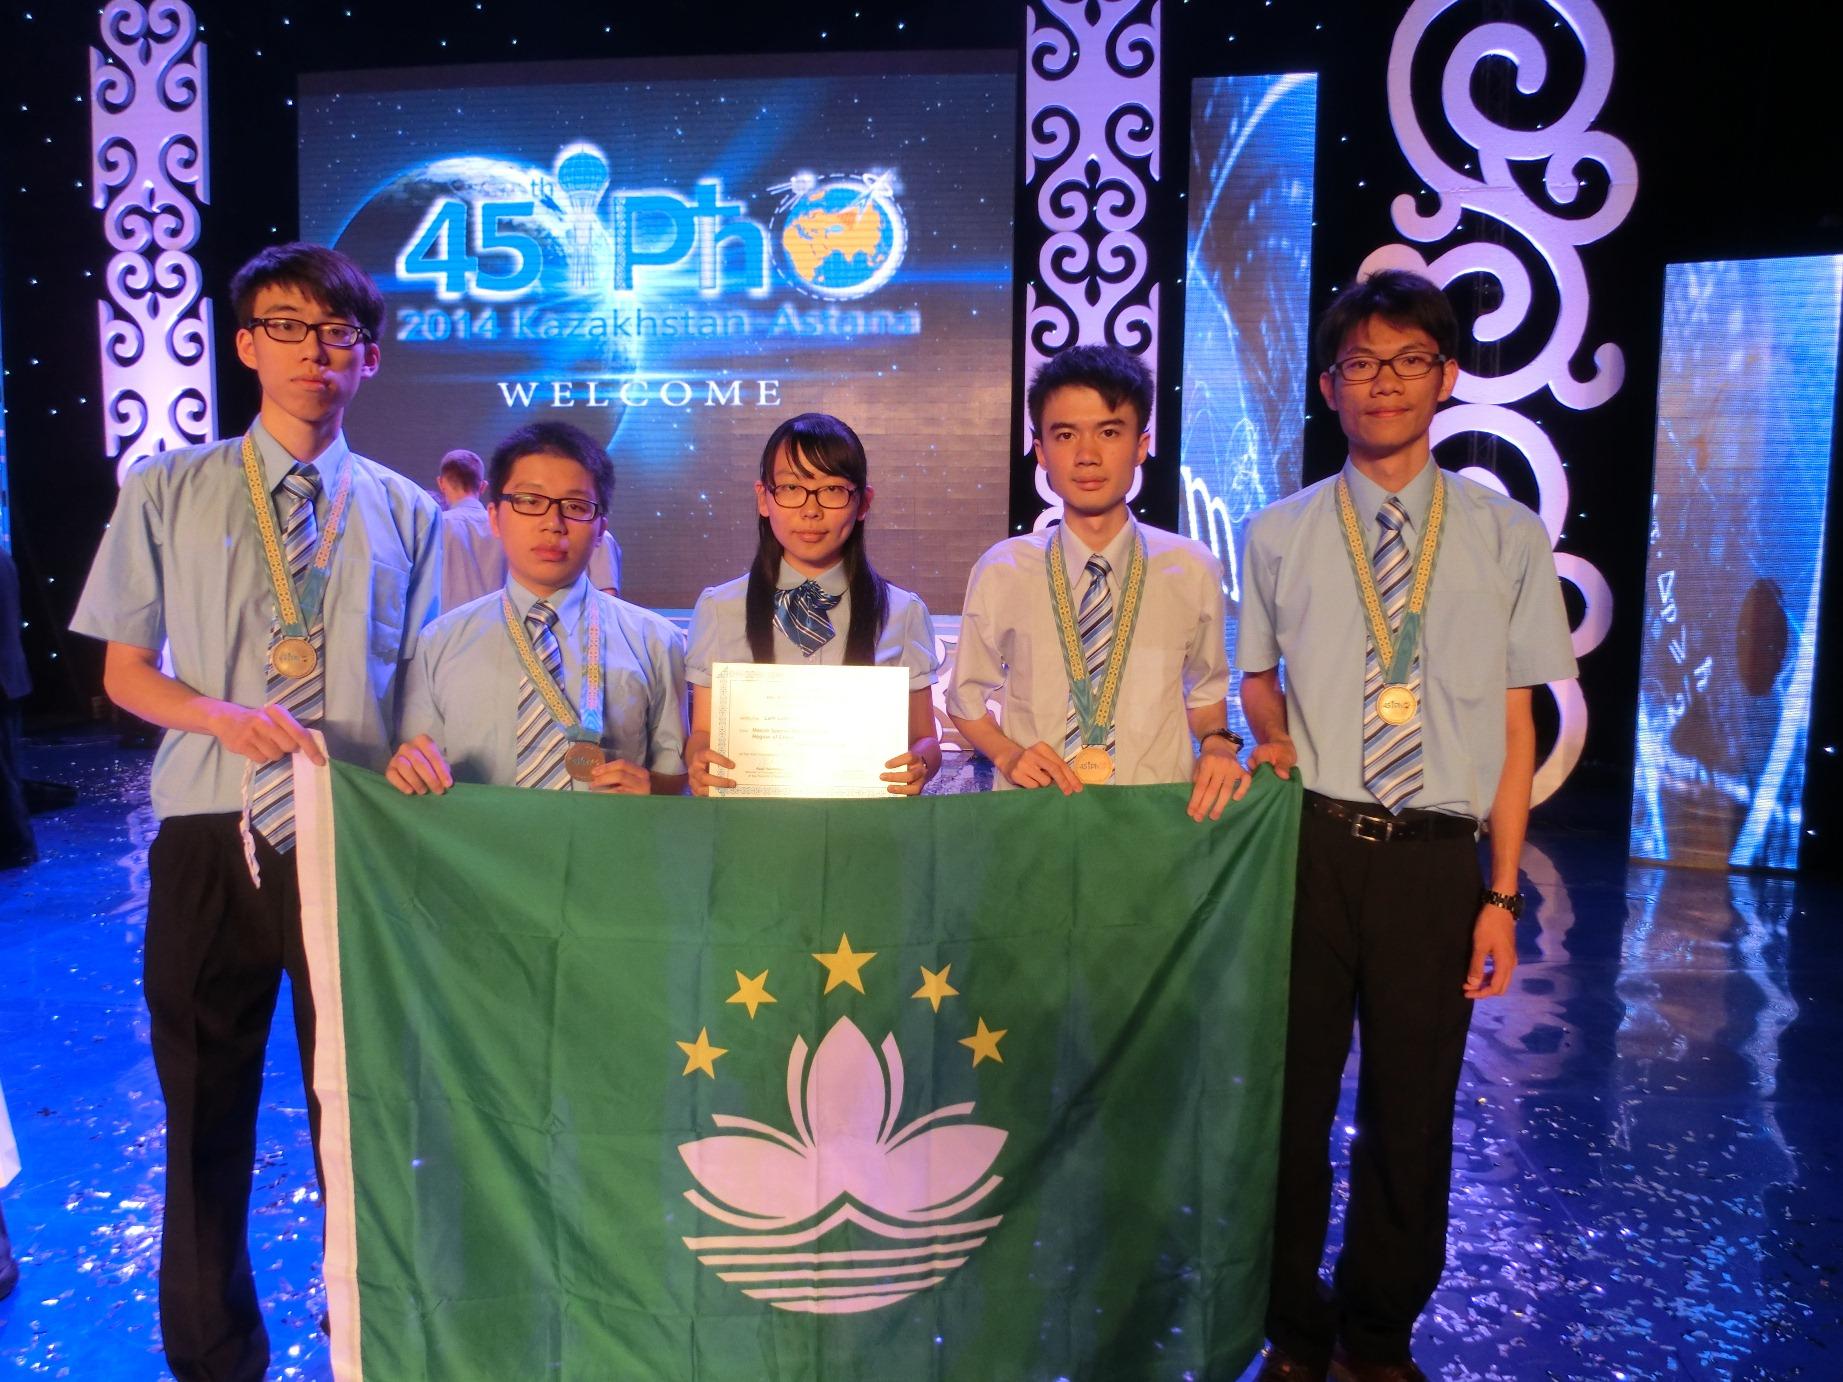 澳門學生比賽中喜獲兩面金牌